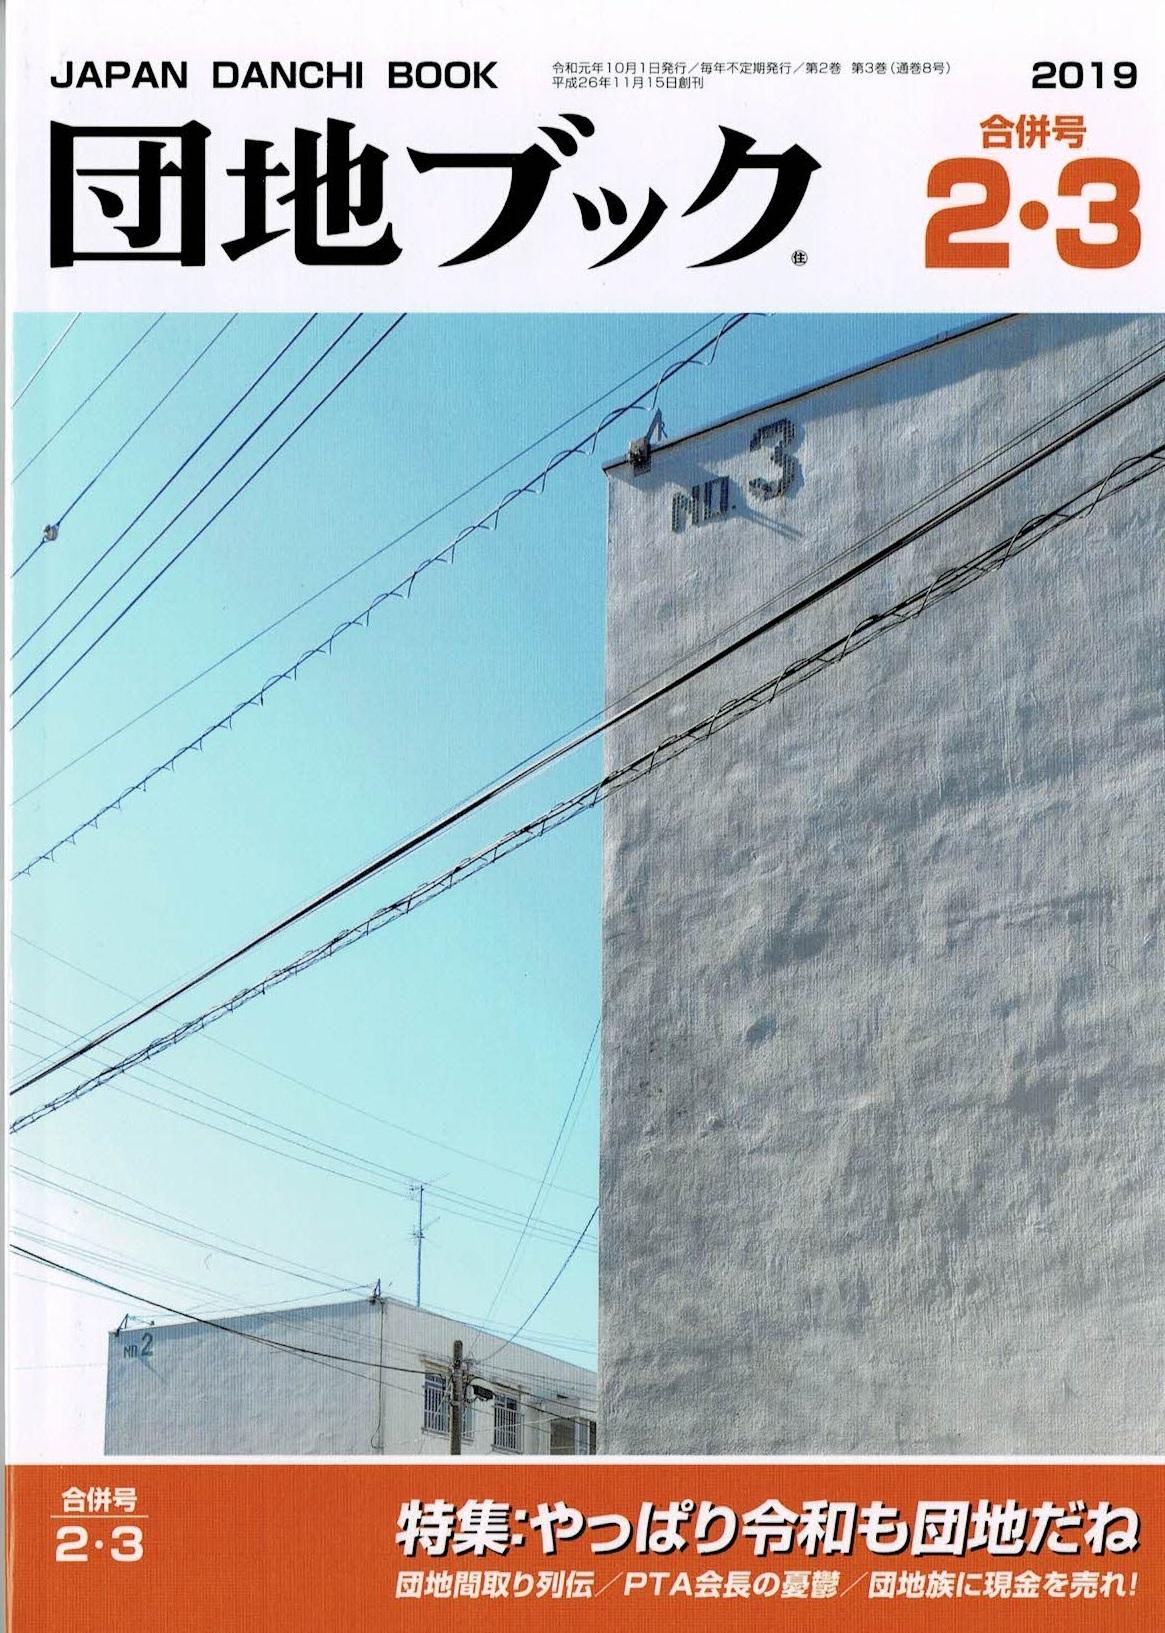 団地ブック2・3合併号 特集:やっぱり令和も団地だね 【チーム4.5畳】画像